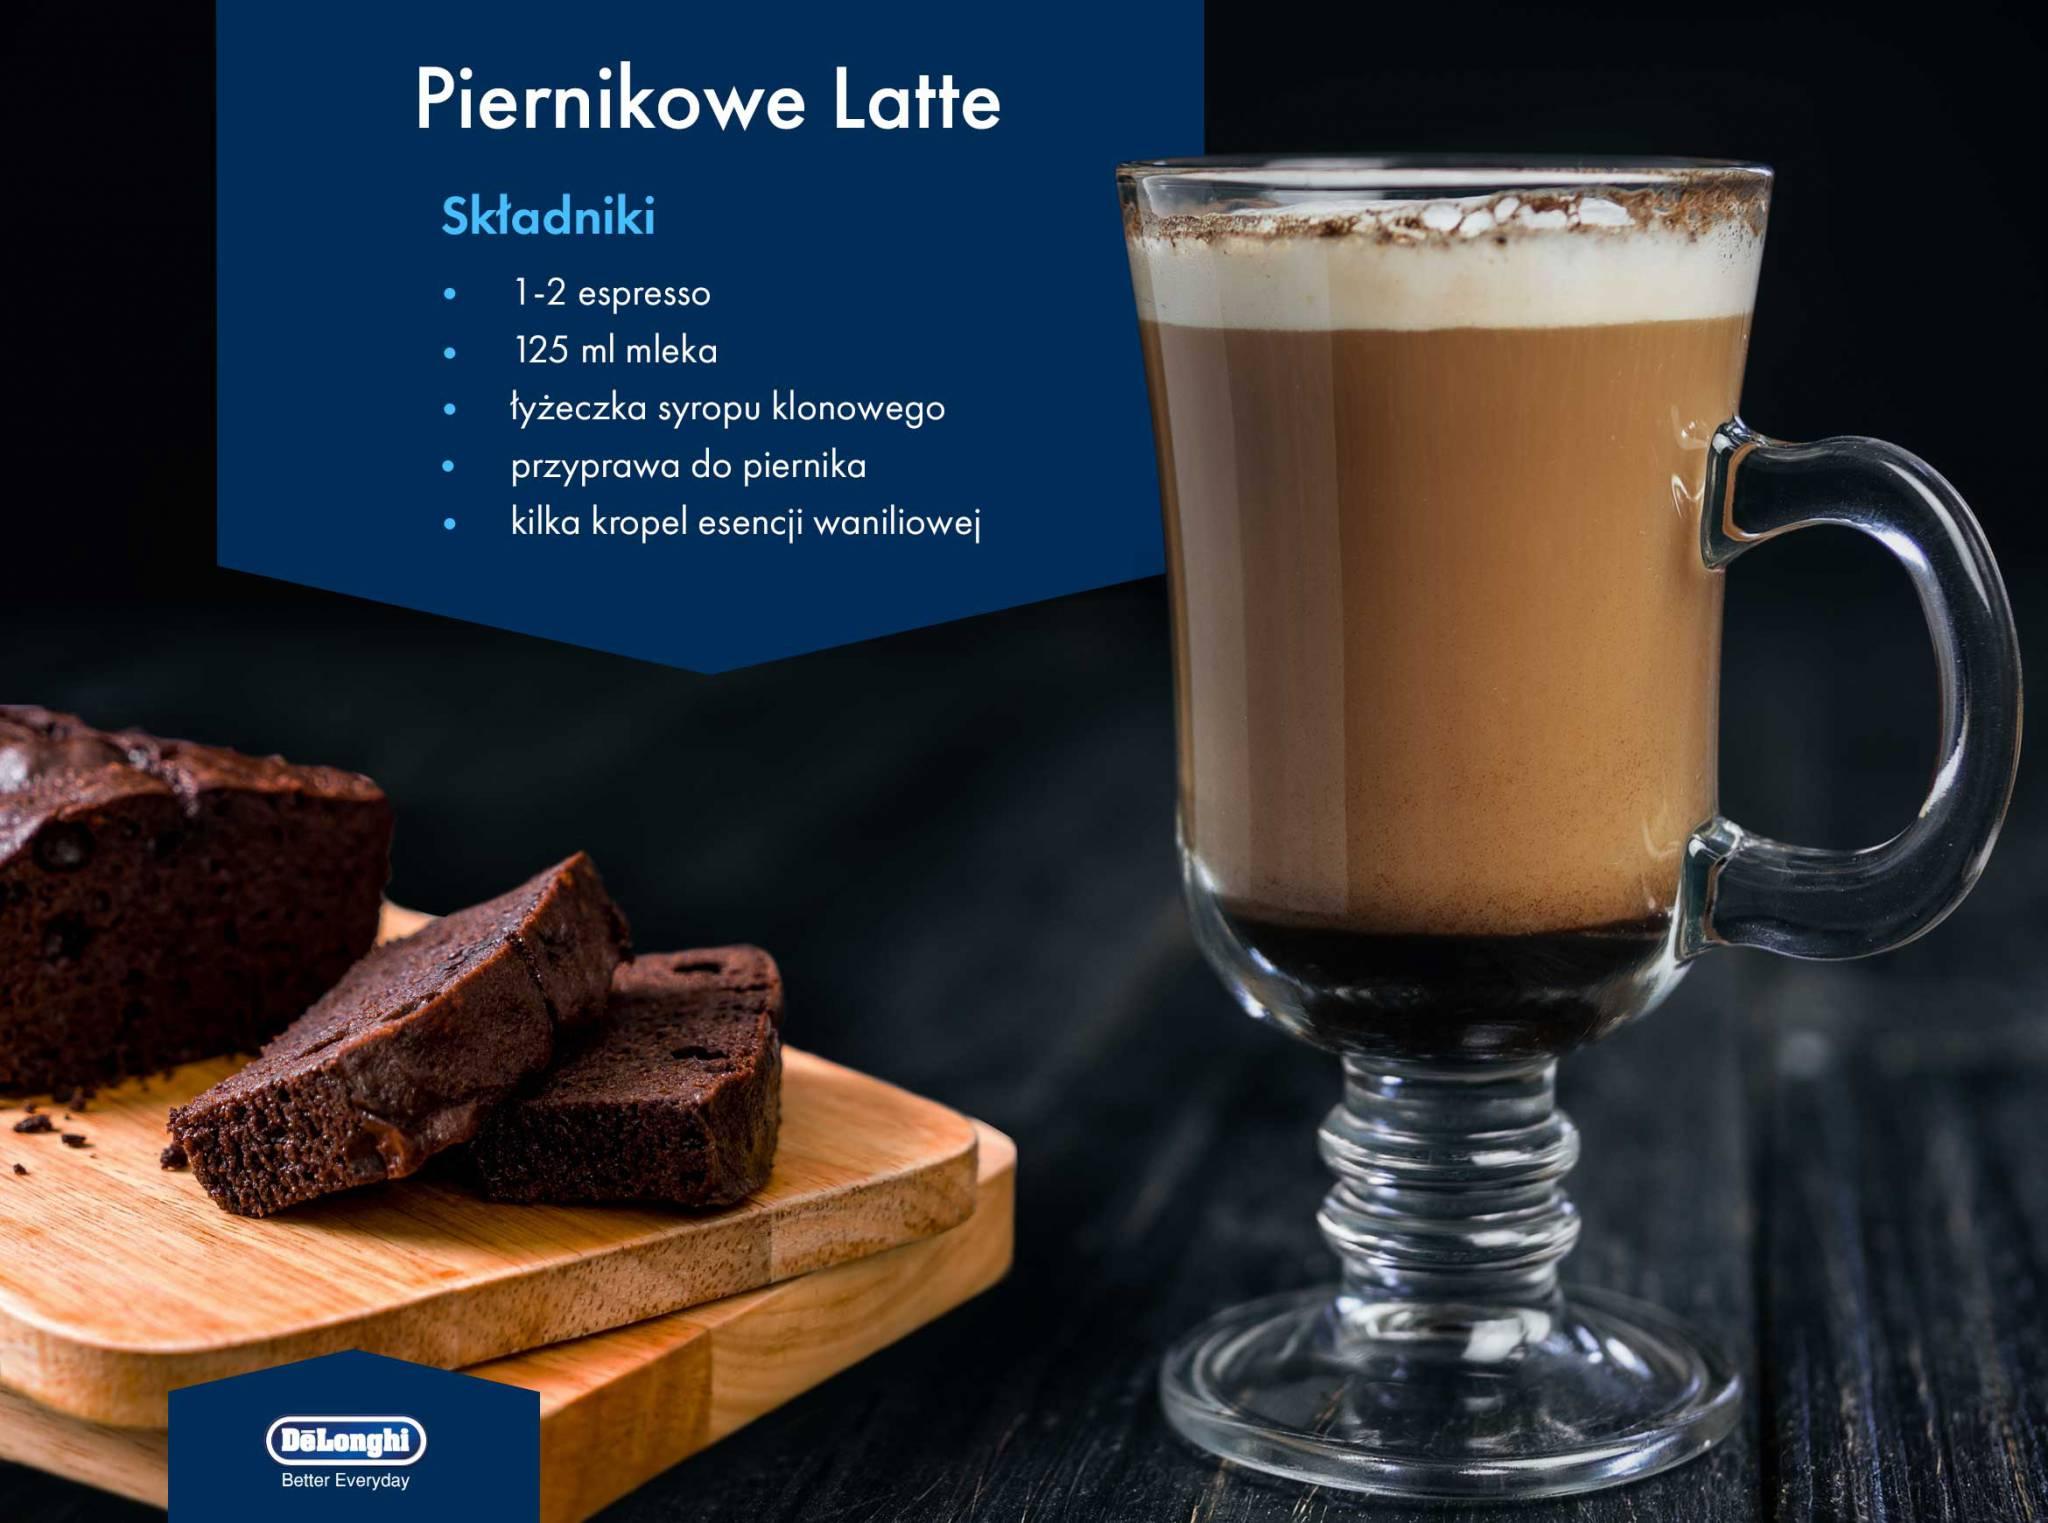 Składniki do przygotowania Piernikowej latte